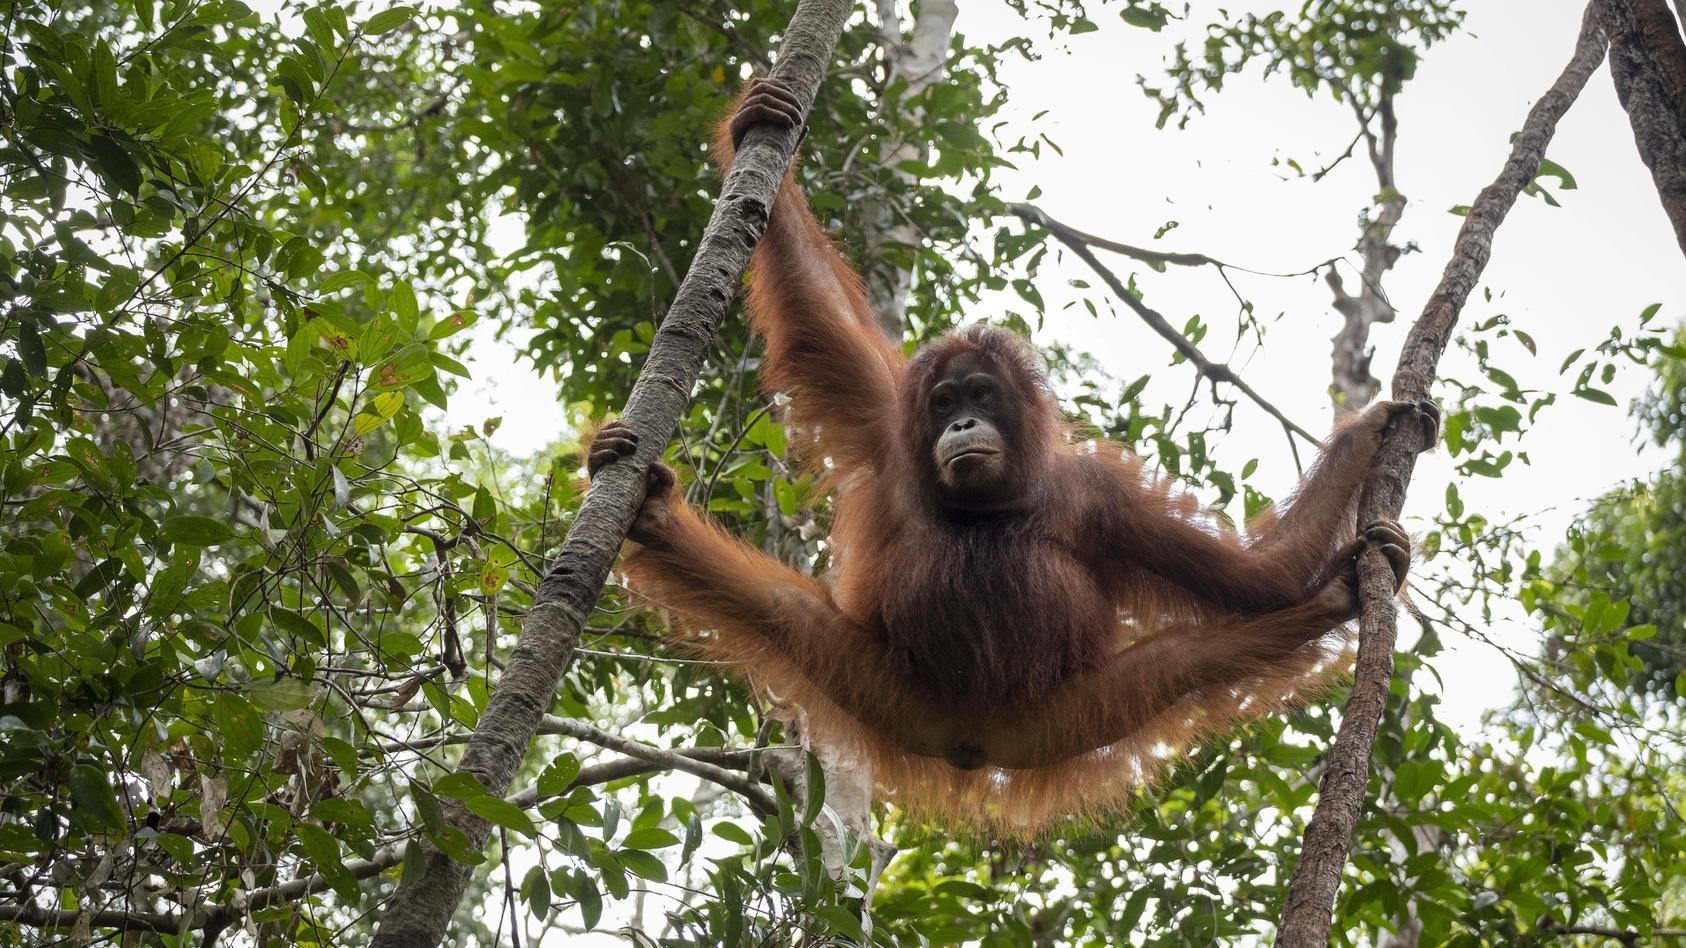 Der Lebensraum der Orang-Utans schwindet vor allem wegen riesiger Palmölplantagen rasant.